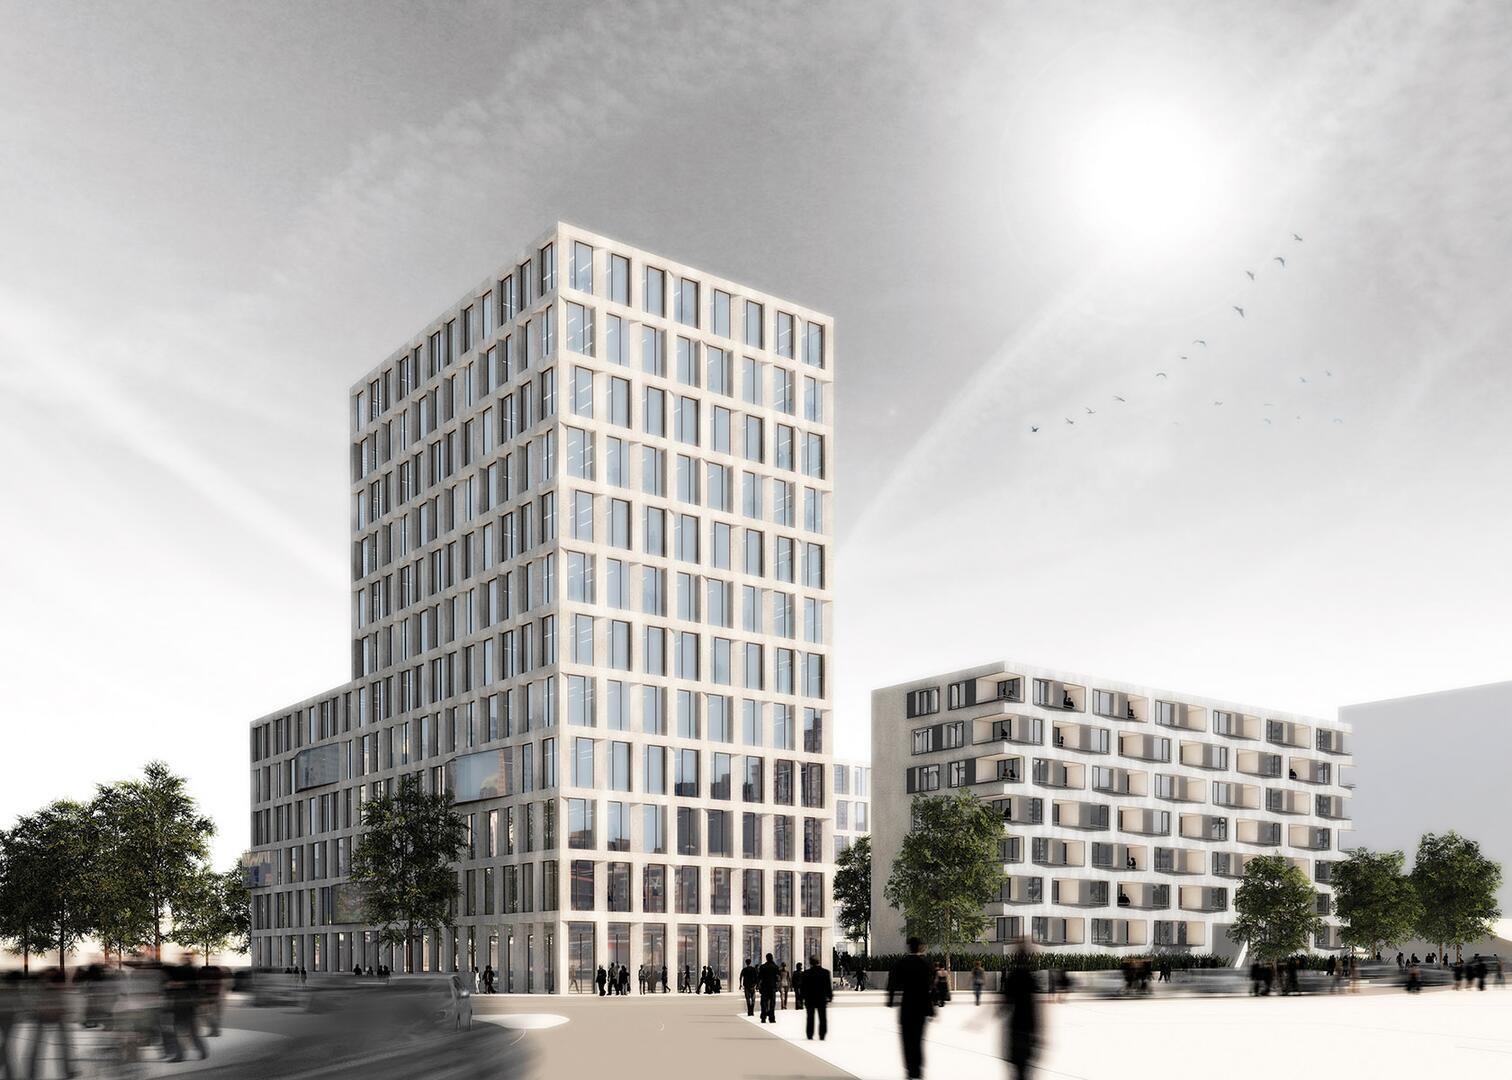 Gl ckstein quartier der architekturwettbewerb f r - Sacker architekten ...